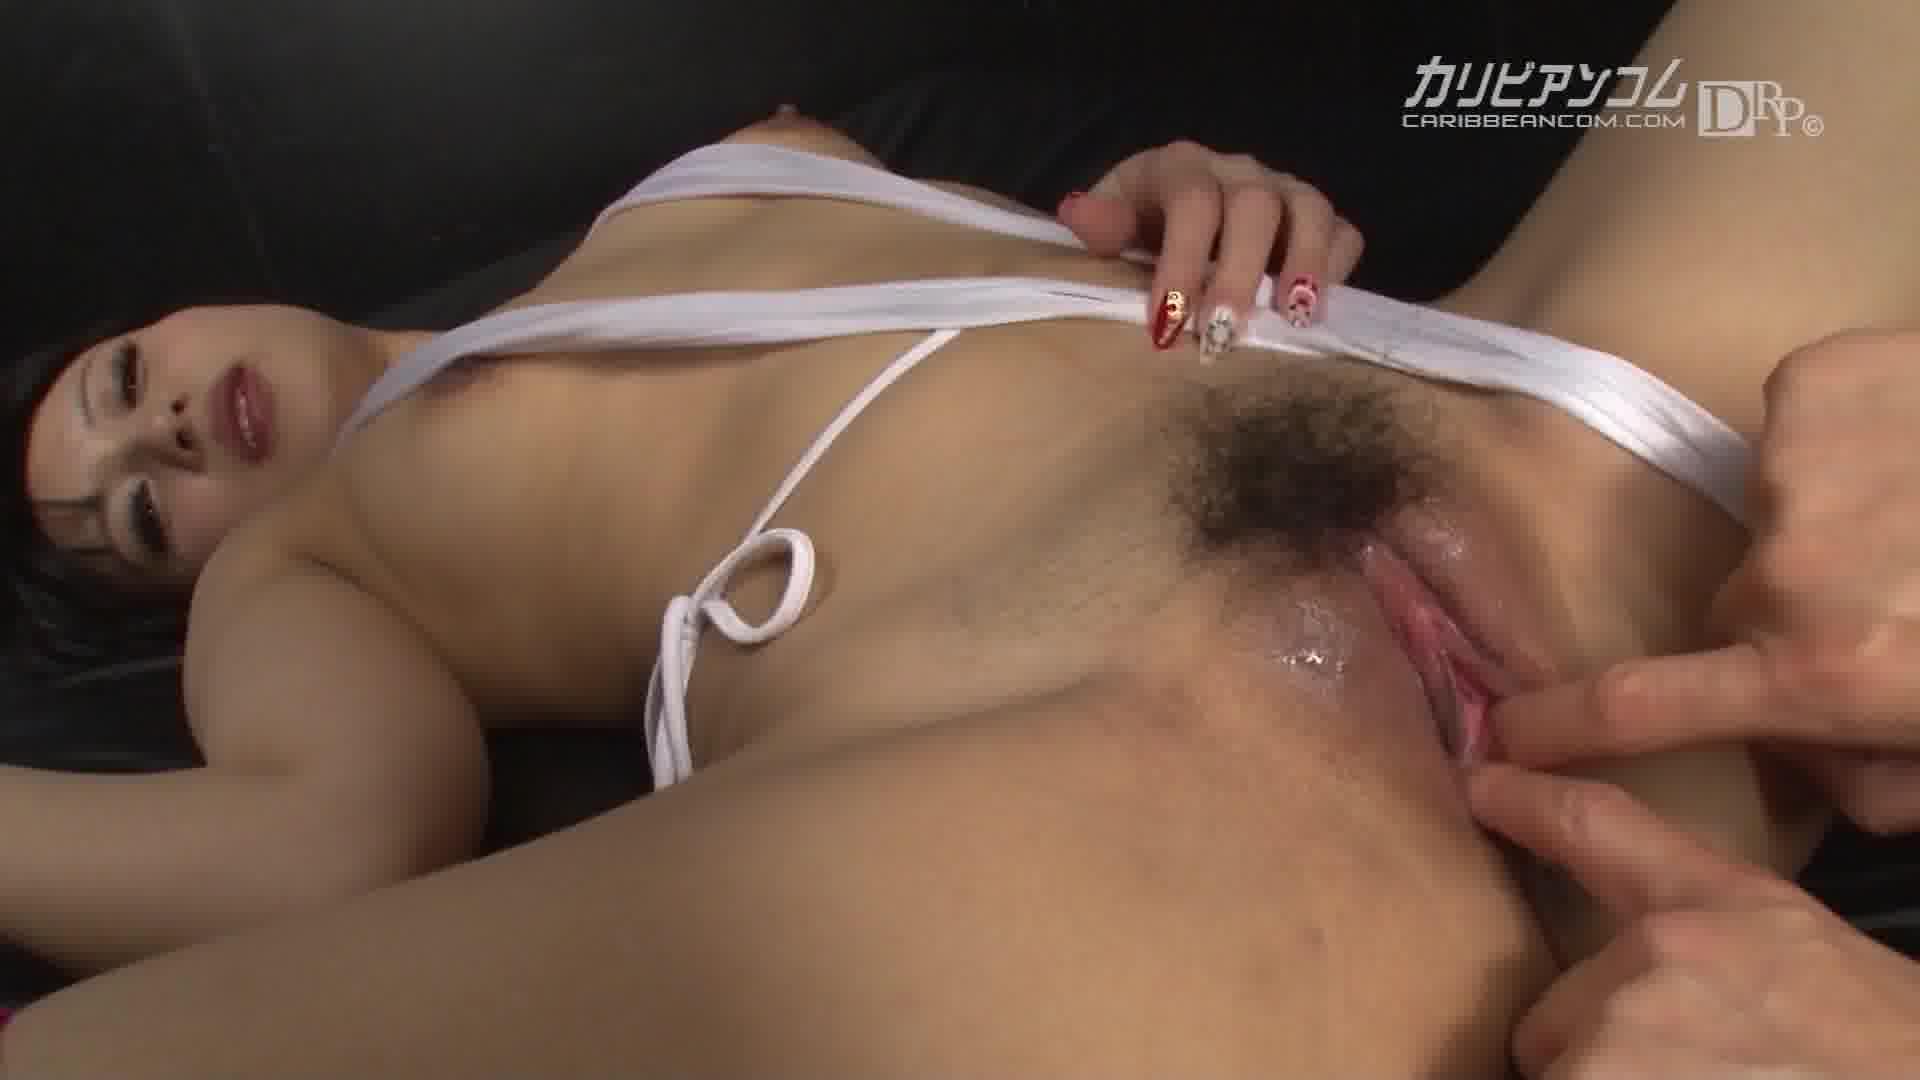 おねだりセックス - 桜井心菜【痴女・コスプレ・中出し】